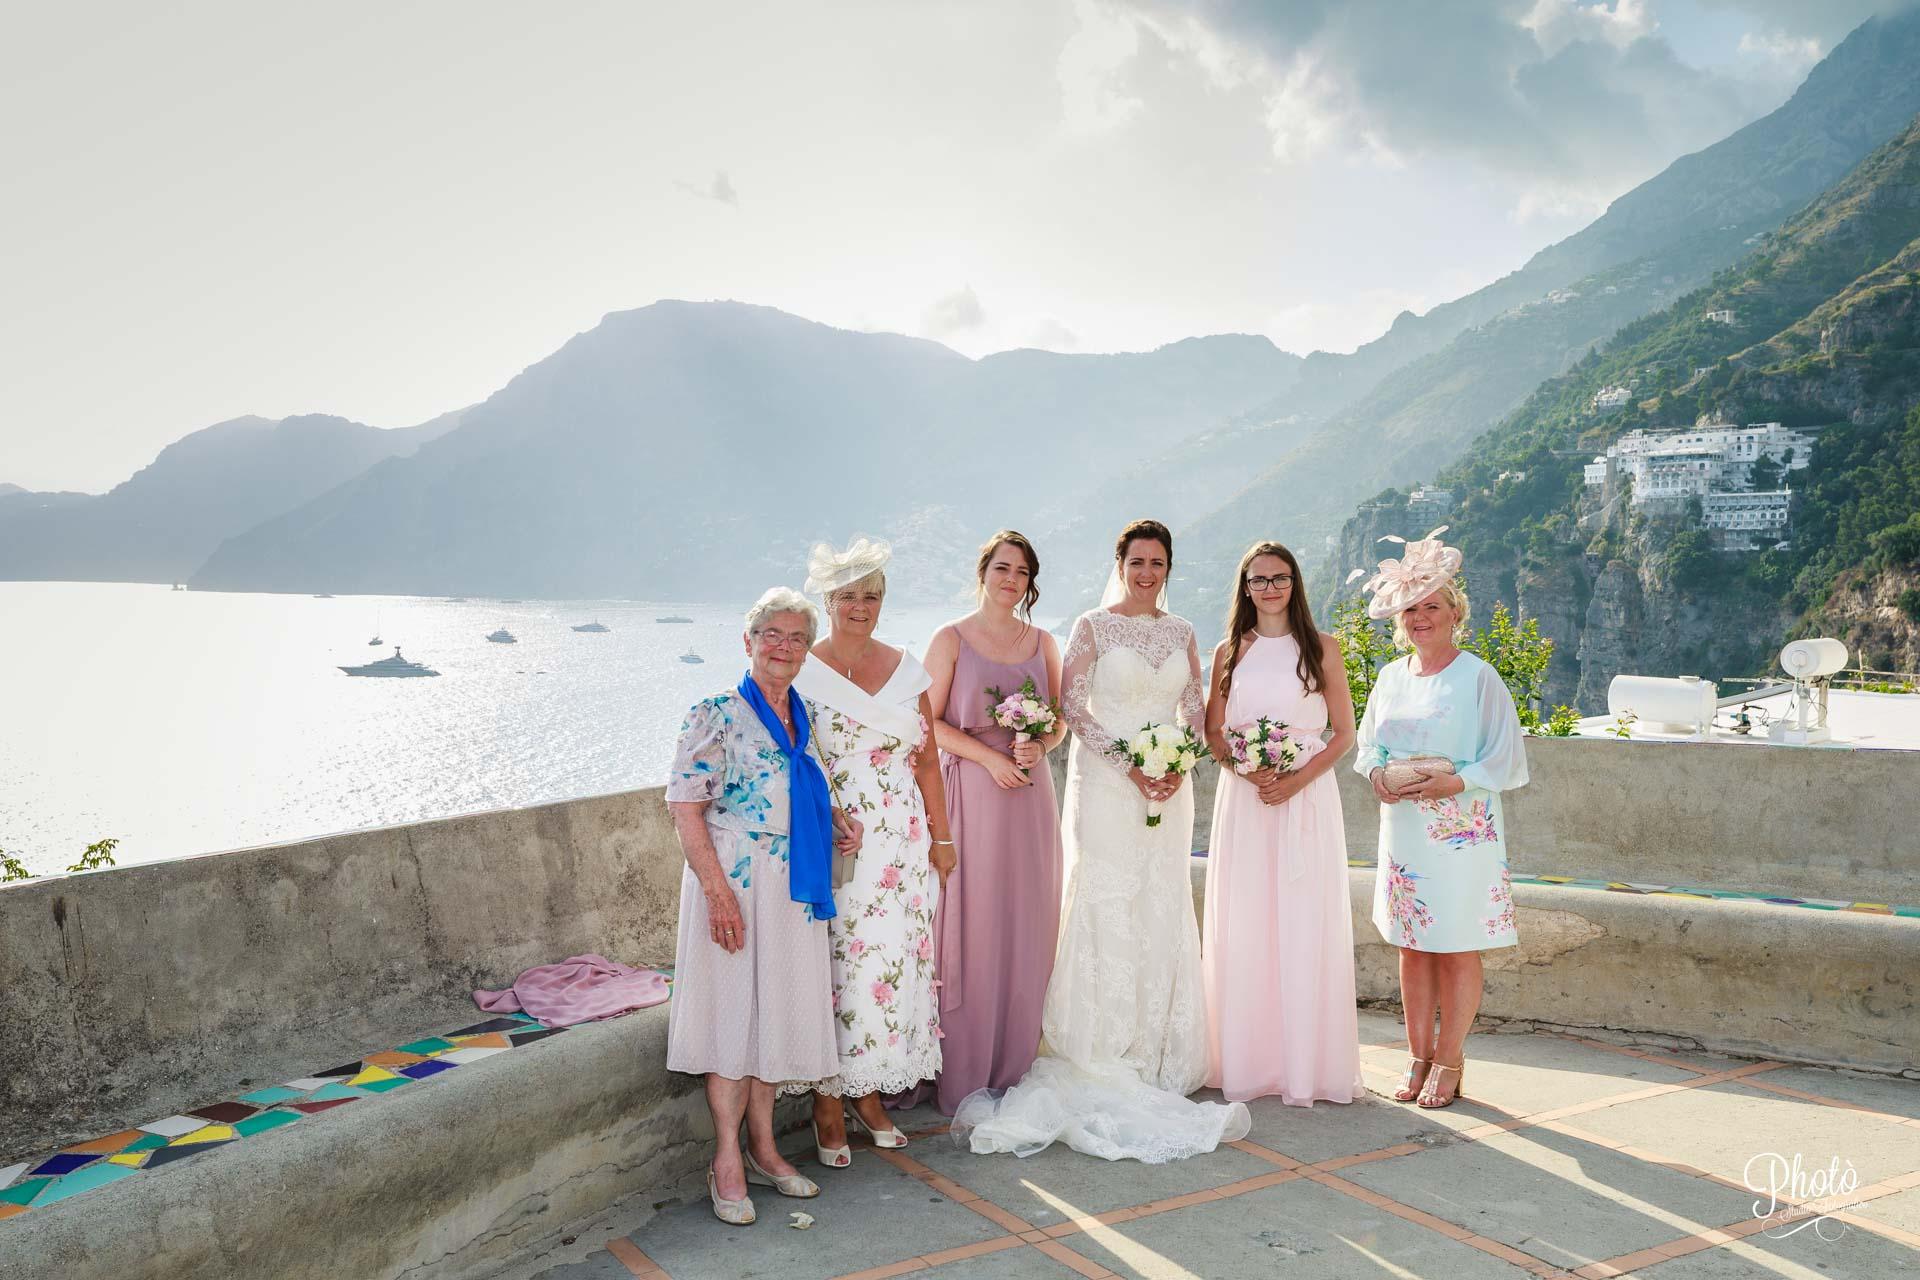 Matrimonio Spiaggia Positano : Chiesa di santa maria assunta in positano chiesa positano